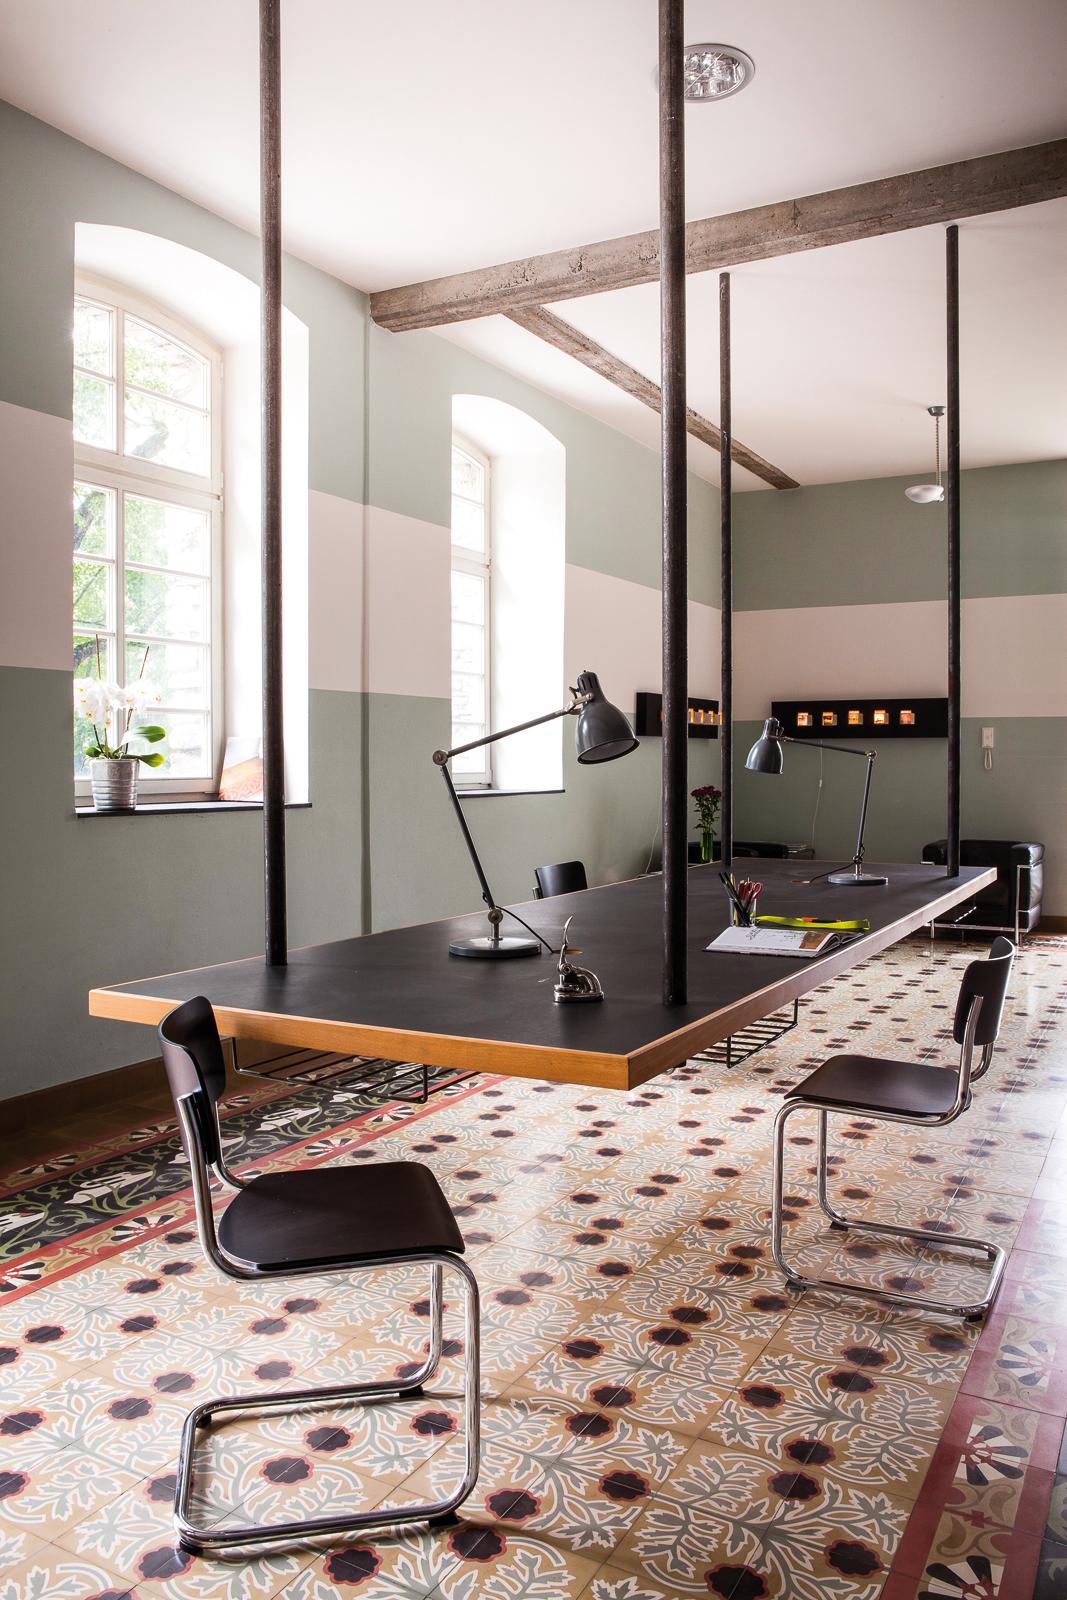 kreidefarbe-Silberpappel-106-zementfliesen-terrazzofliesen-viaplatten | Kreidefarbe Silberpappel 60 ml